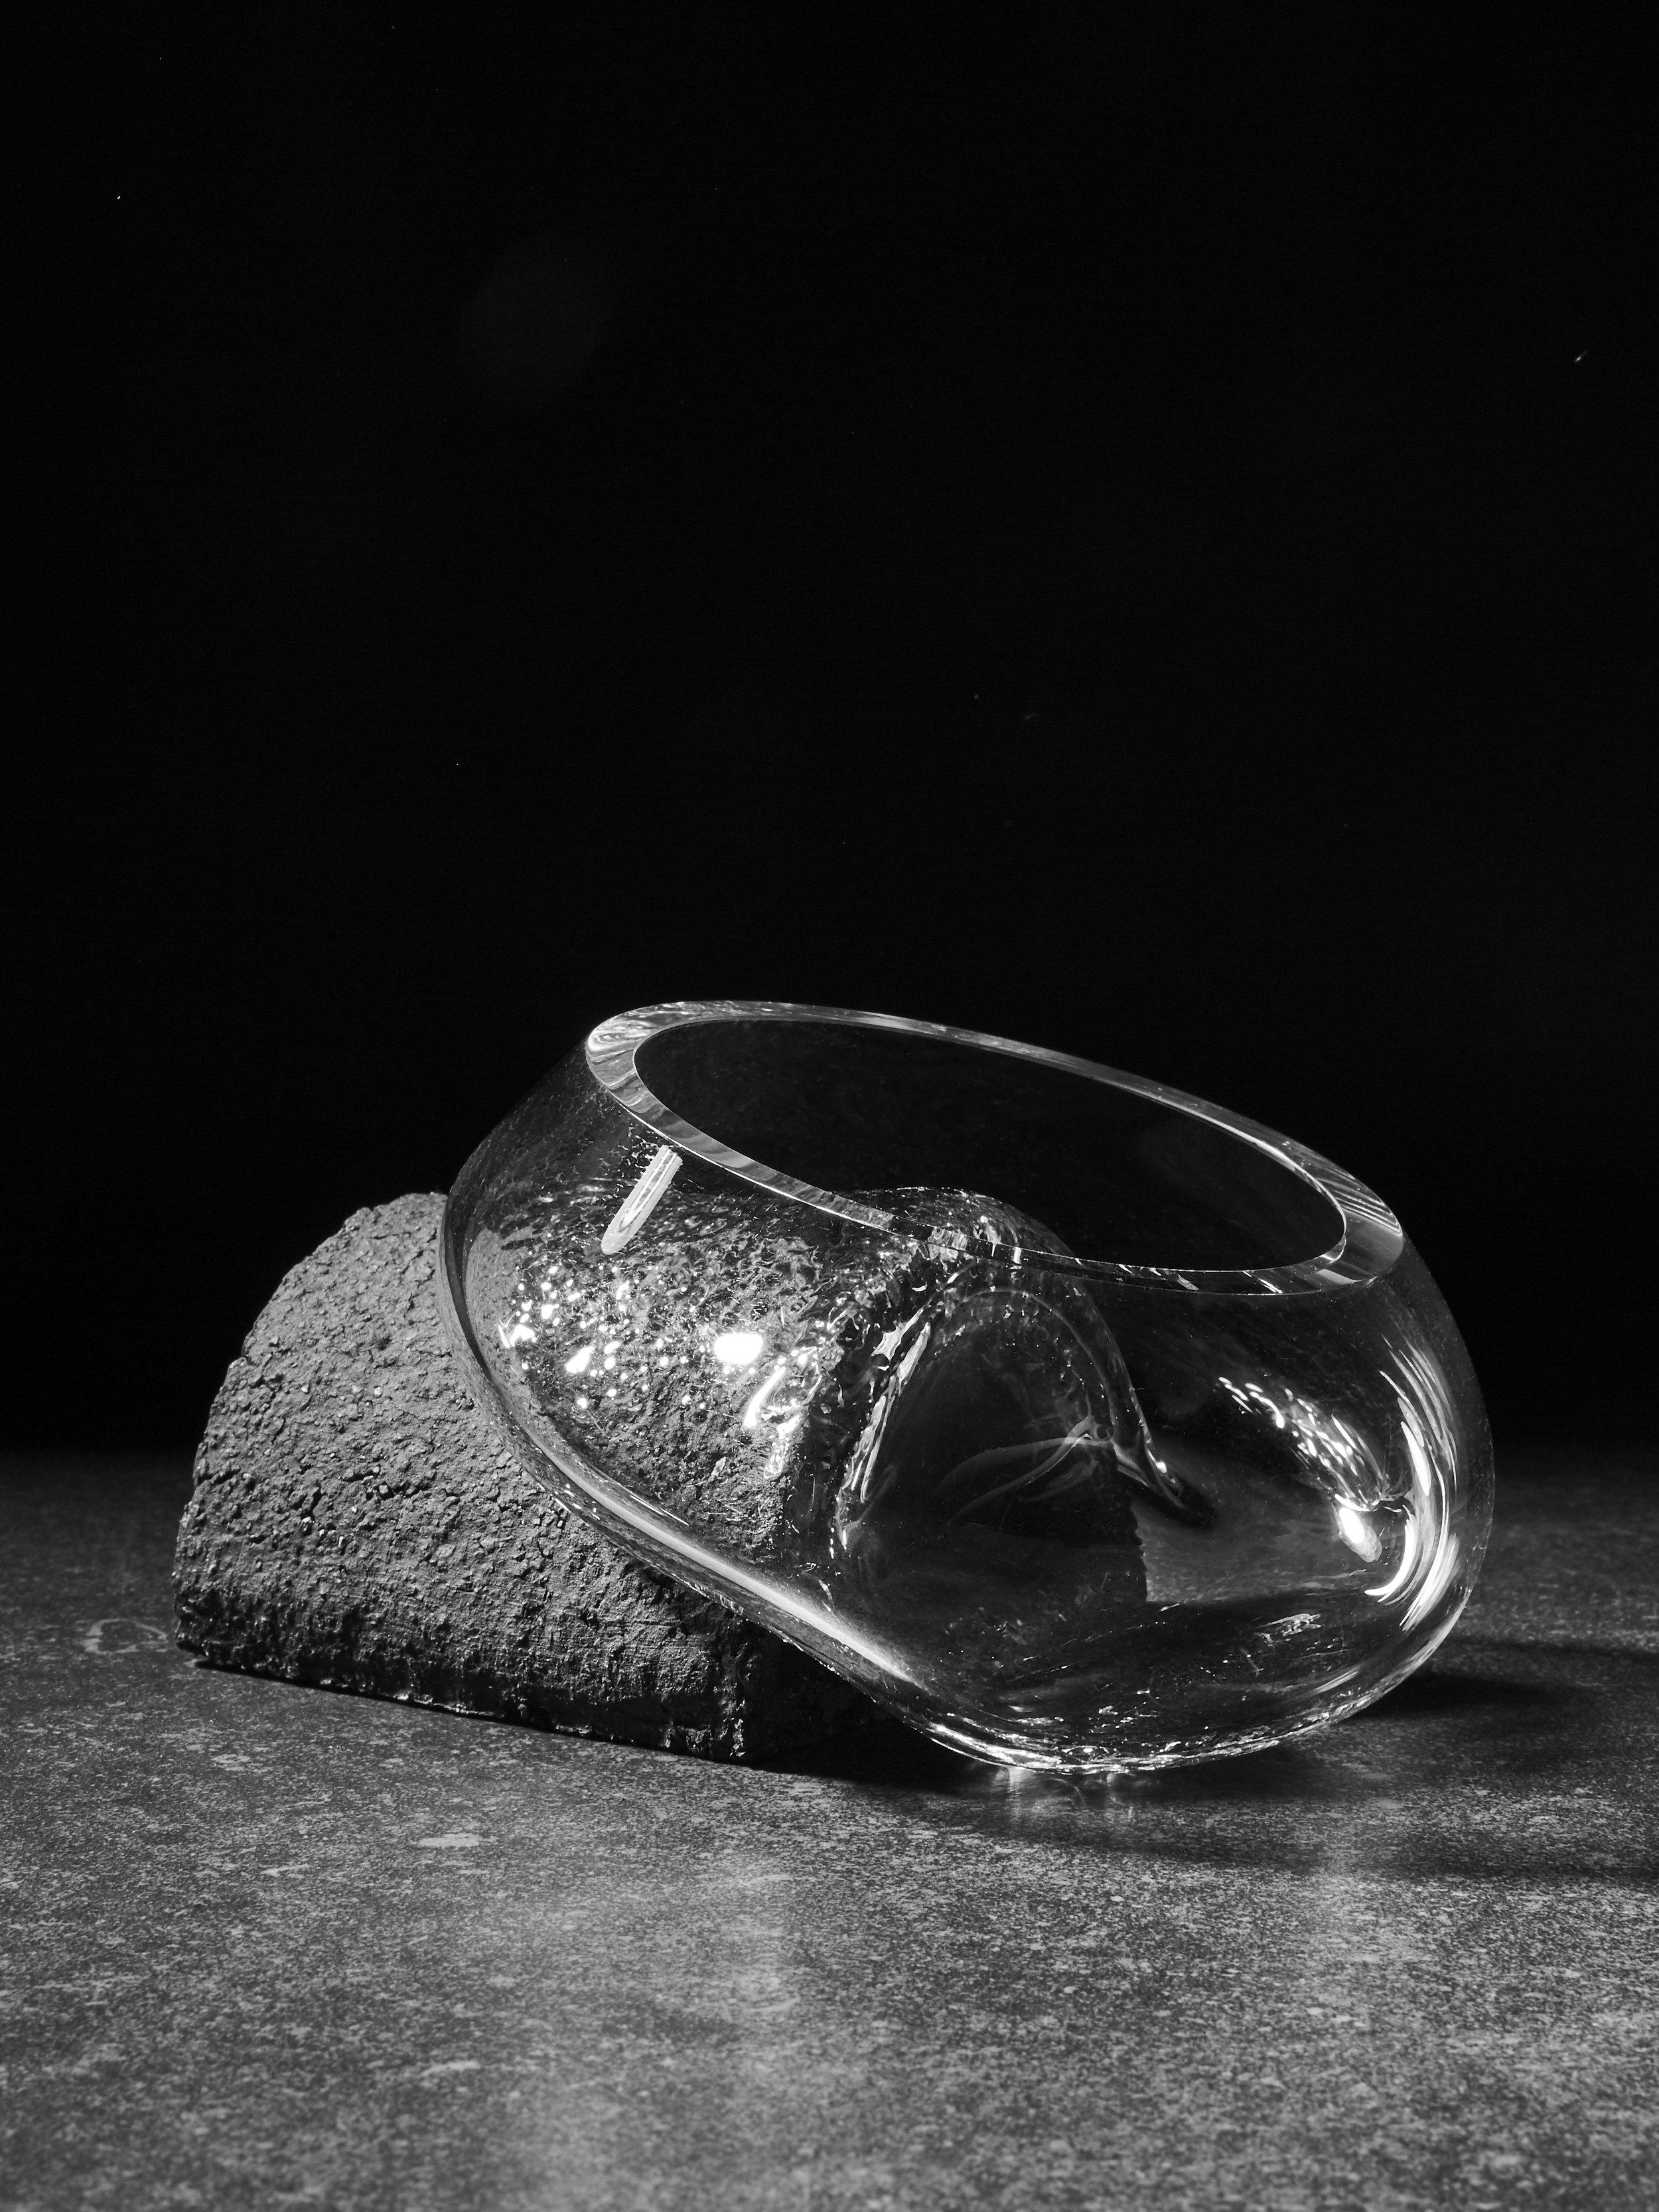 20170911_glass_006.jpg